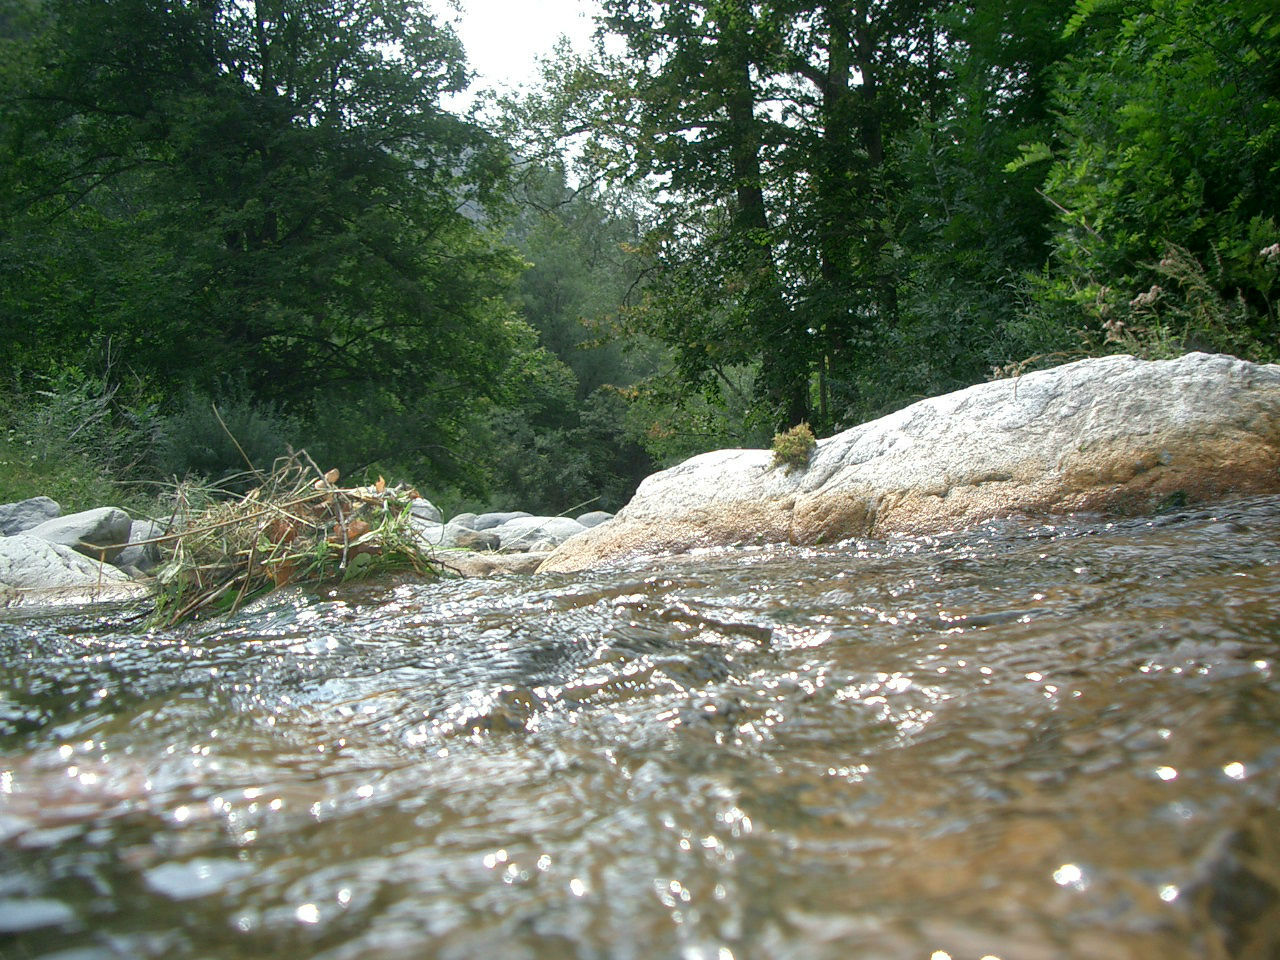 Le bruit de l'eau a des vertus apaisantes sur les êtes vivants